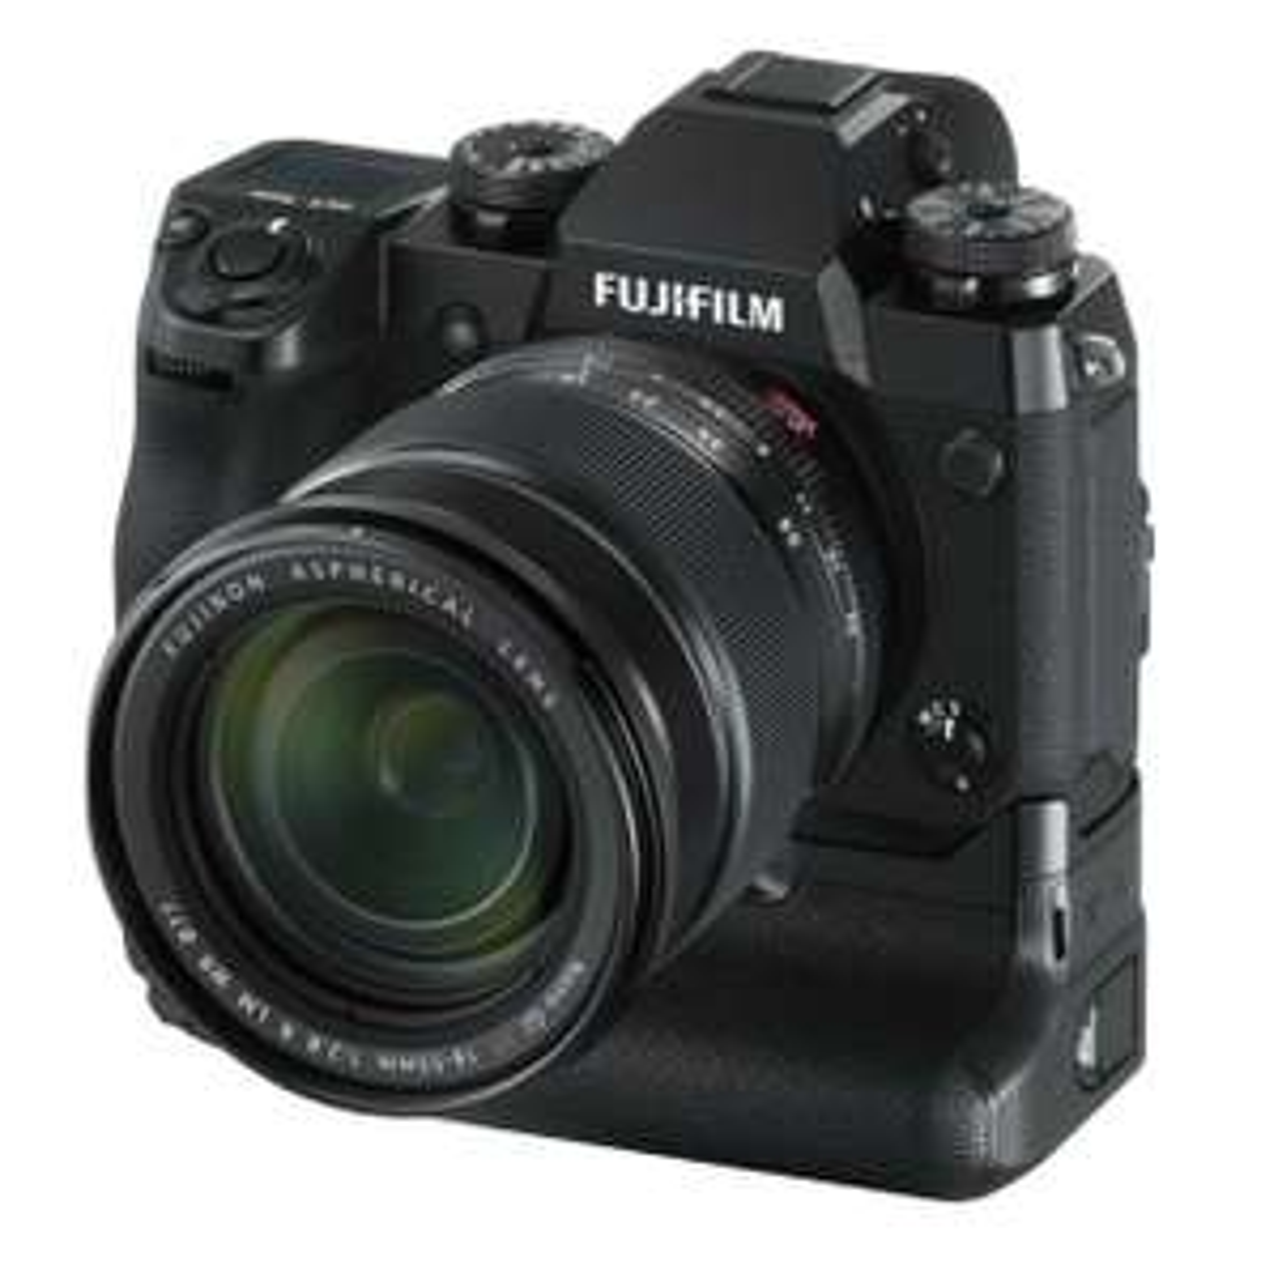 Fujifilm X-H1 mit XF 16-55mm /2,8 R LM WR und VPB-XH1 Batteriegriff | Weitere Bundles extrem günstig!